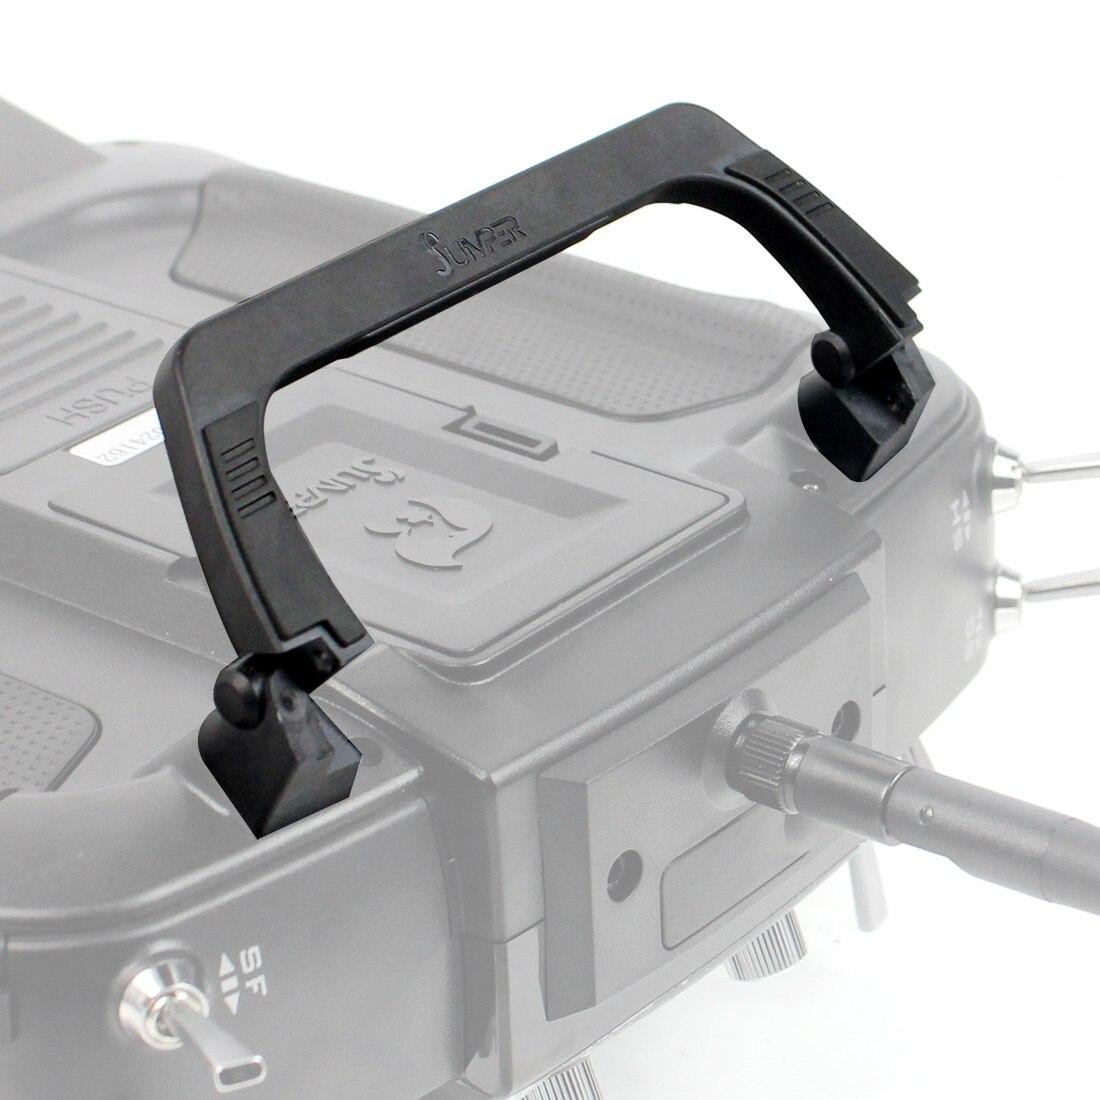 Jumper T16 T18 обновленная Складная ручка для T16, T16 Plus, T16 профессиональные для ручек запасные части для передатчиков радиоприемников